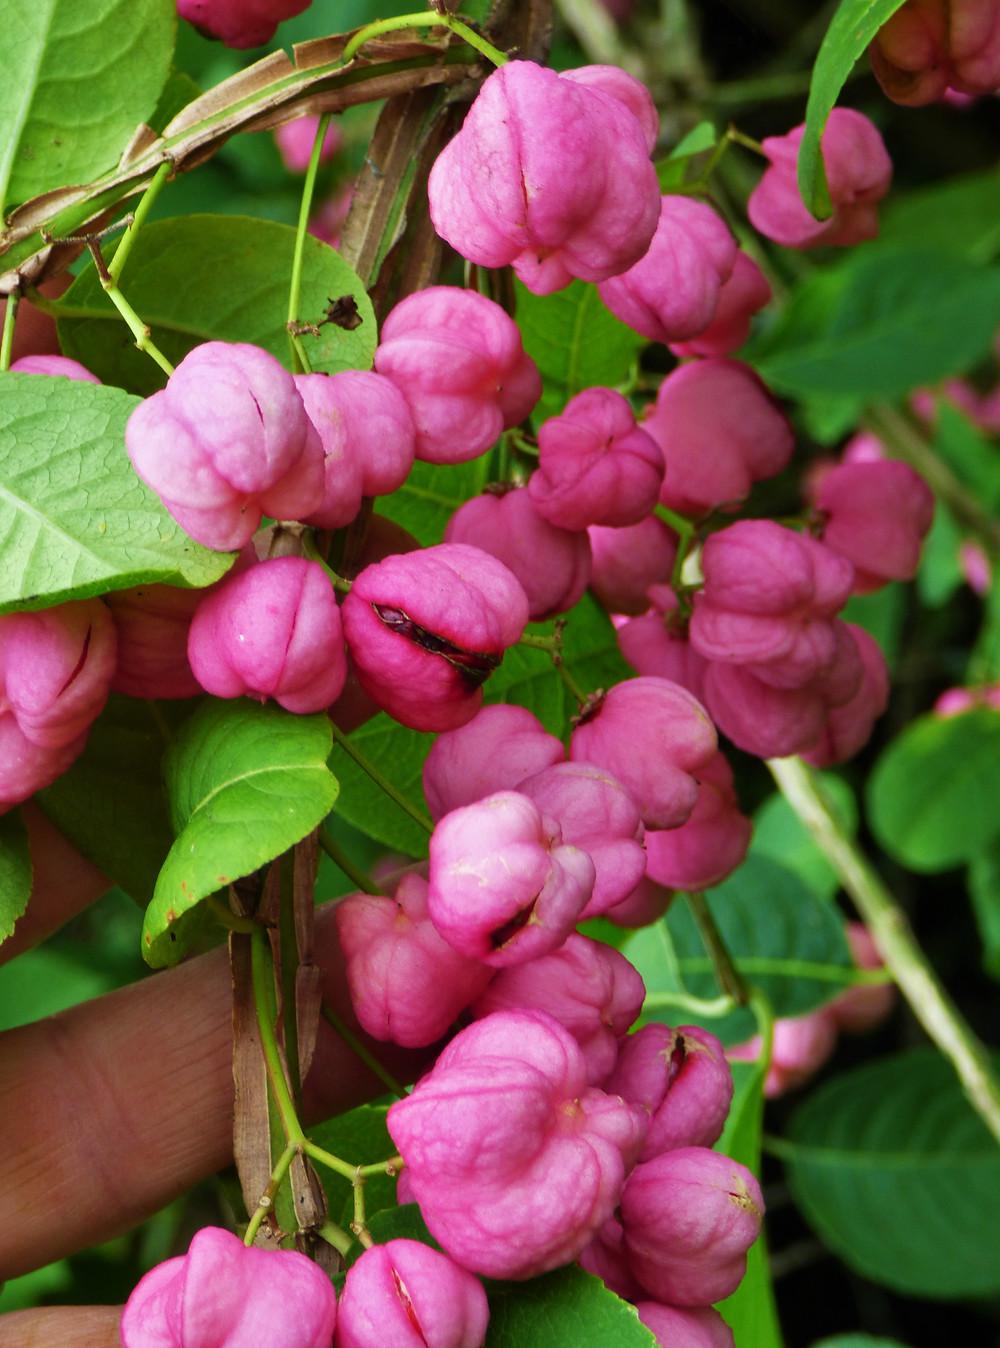 Euonymus phellomanus fruit